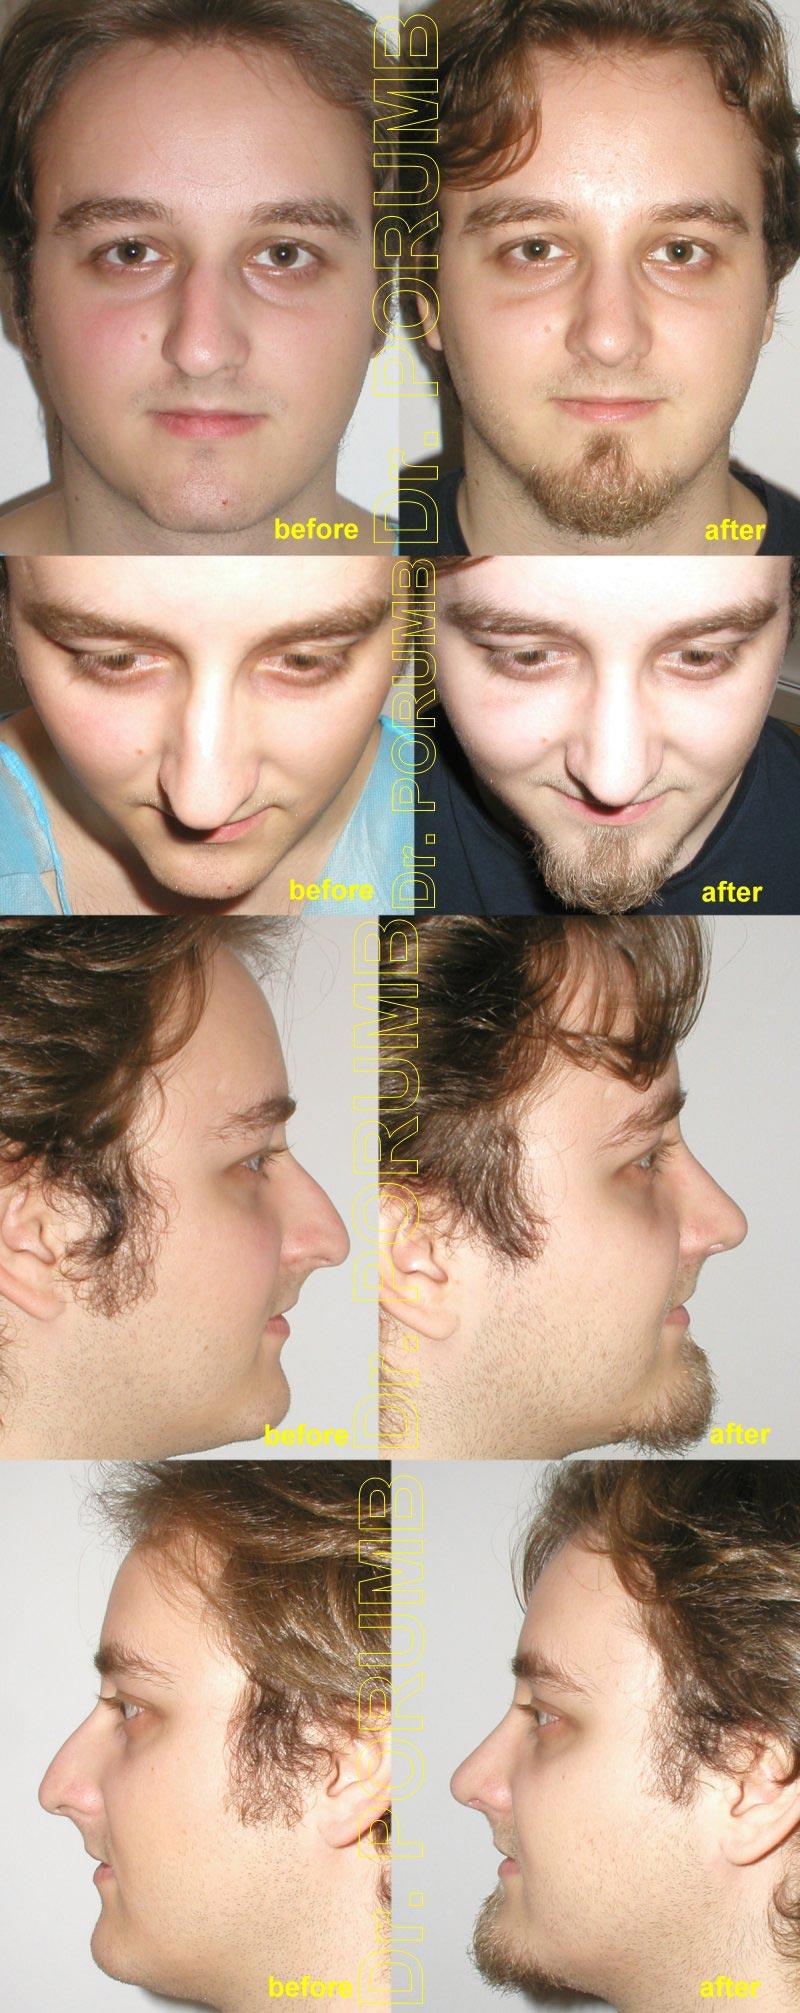 Pacient in varsta de 23 de ani, nemultumit de aspectul deviat, stramb si inclinat al nasului, precum si de marimea acestuia, de lungimea si proiectia in exces, dar si de dificultati respiratorii, doreste sa apeleze la o interventie de rinoplastie (modelare nas, operatie la nas) si septoplastie pentru corectia deviatiei de sept, micsorarea nasului, scurtarea nasului si indreptarea nasului